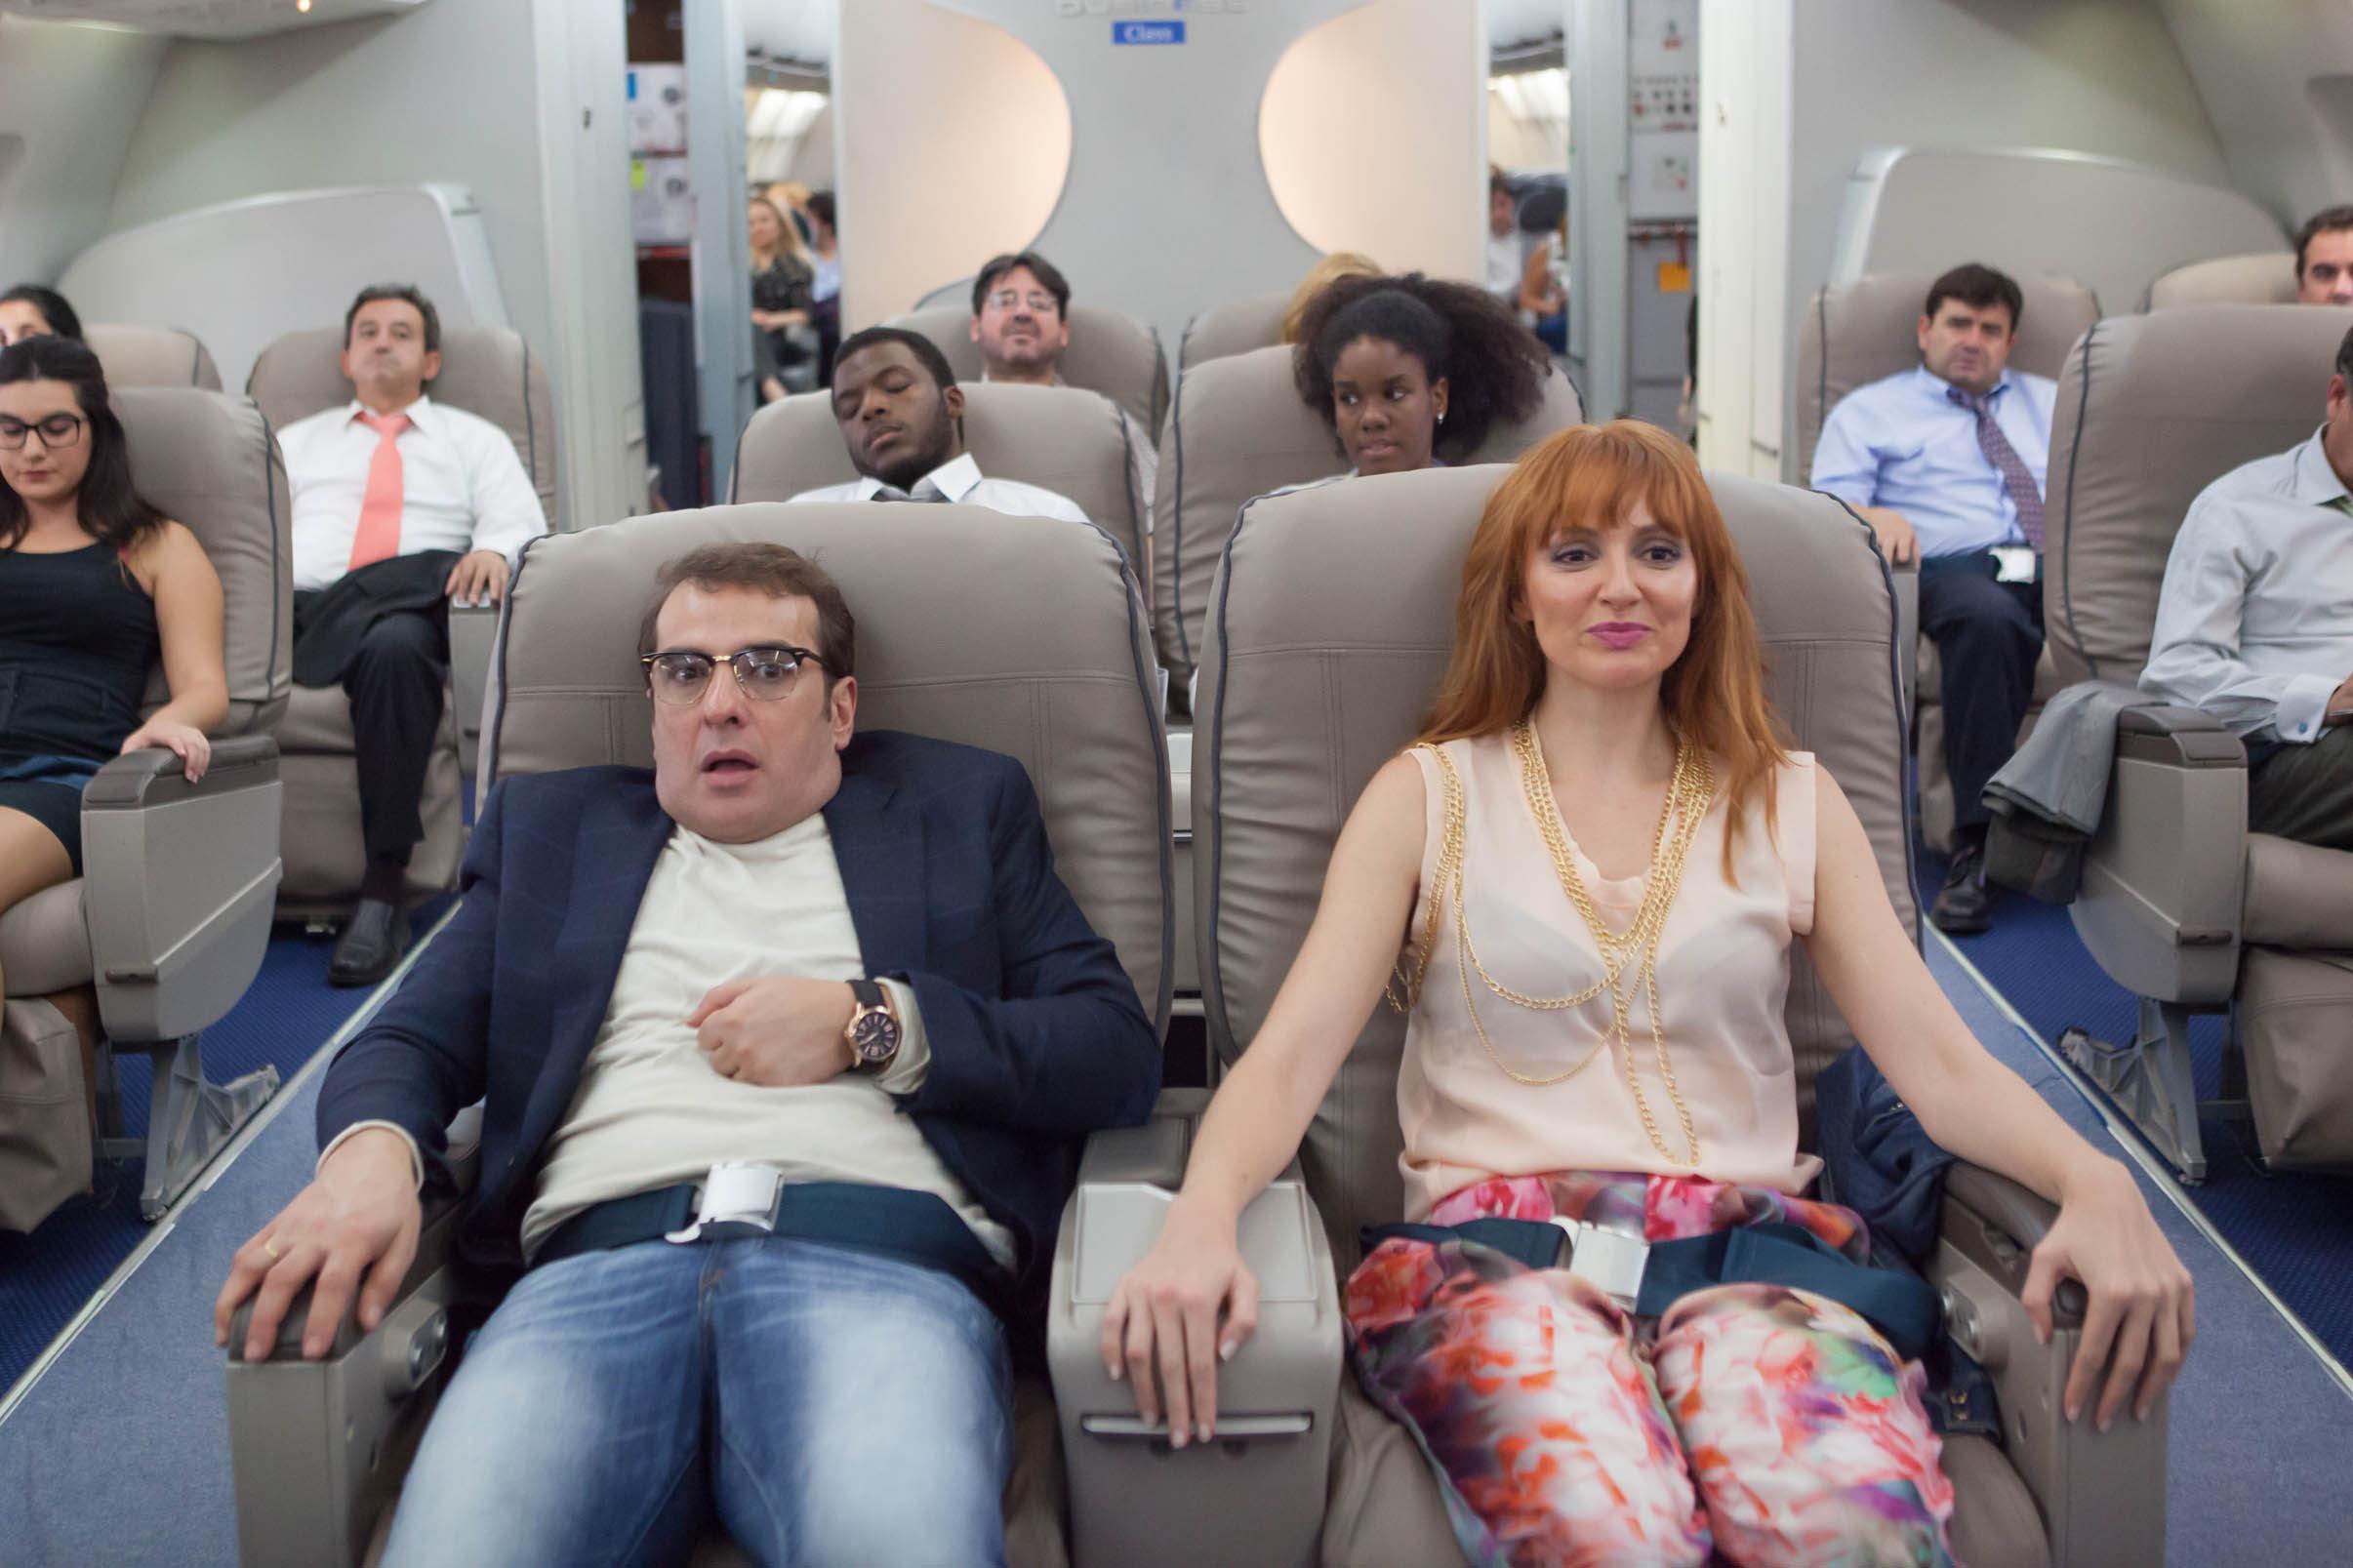 Bruno asustado por viajar en Avión